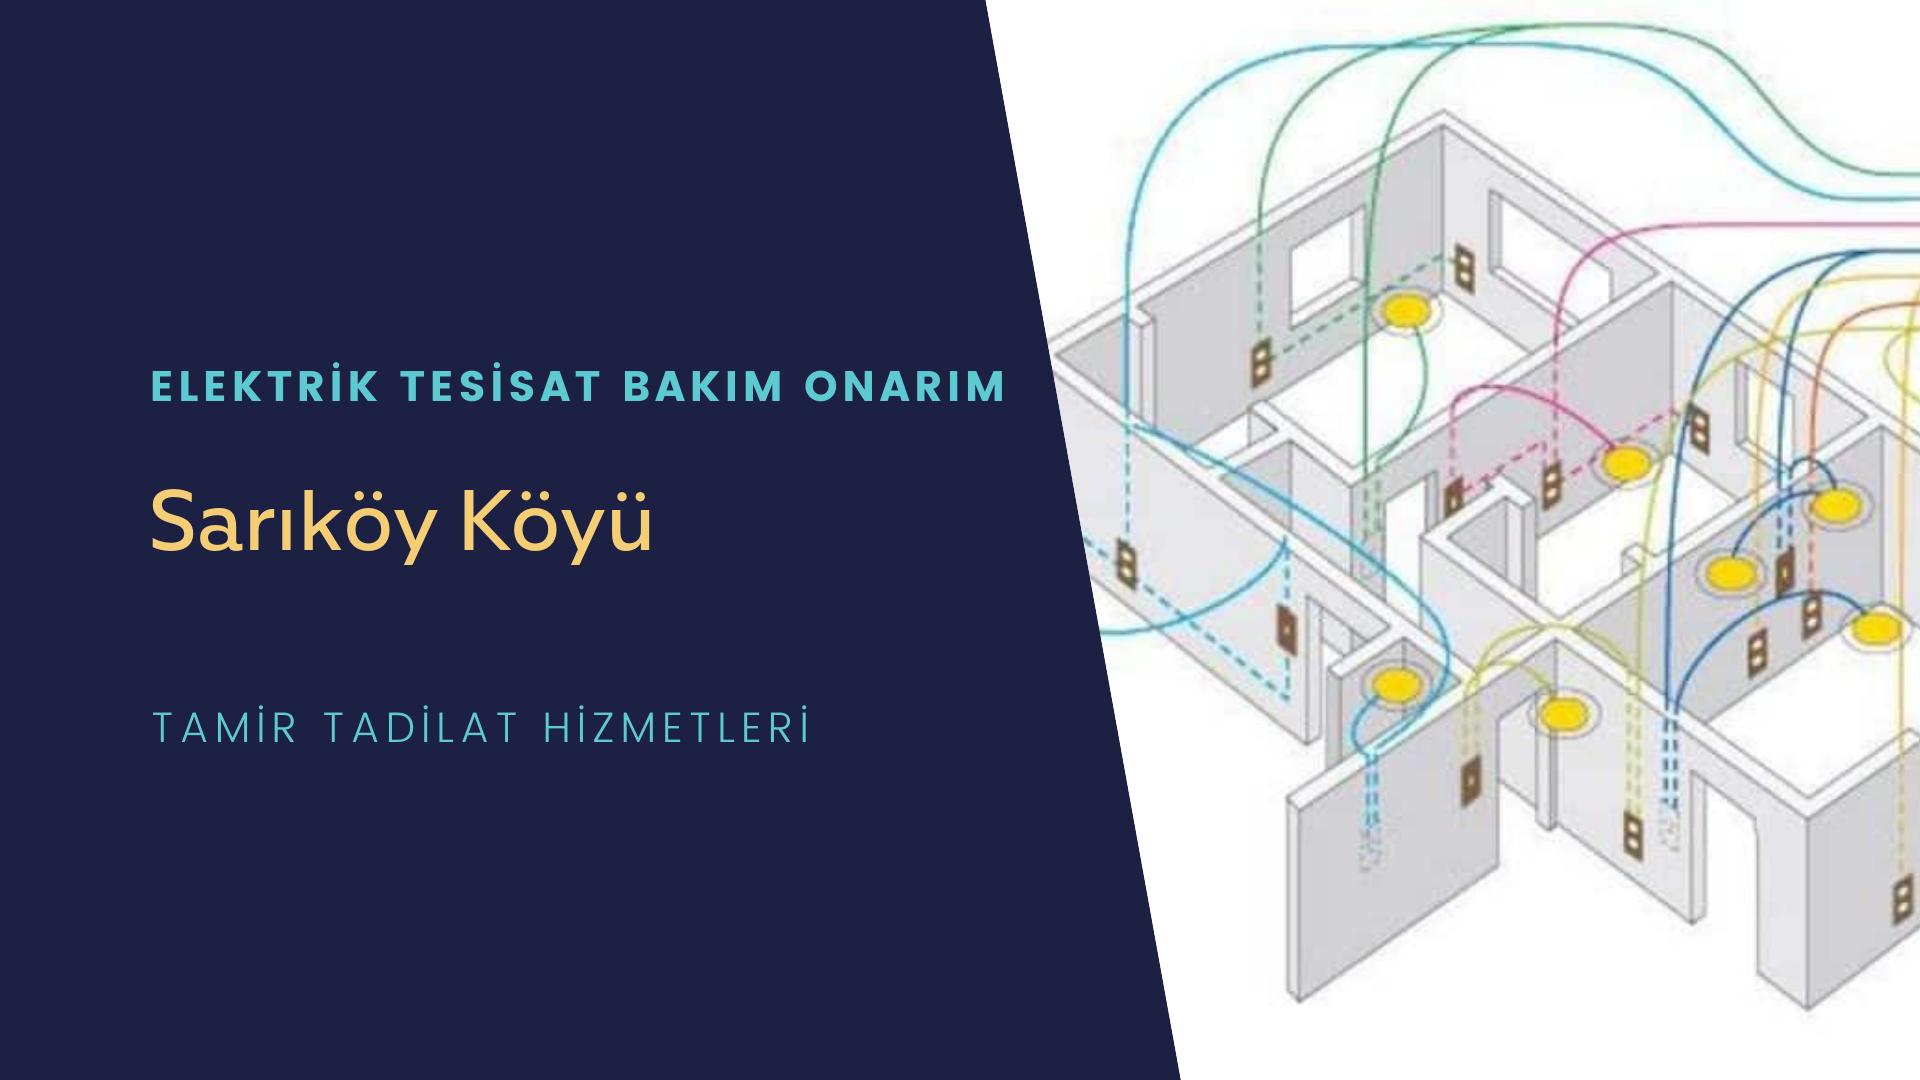 Sarıköy Köyü  elektrik tesisatıustalarımı arıyorsunuz doğru adrestenizi Sarıköy Köyü elektrik tesisatı ustalarımız 7/24 sizlere hizmet vermekten mutluluk duyar.